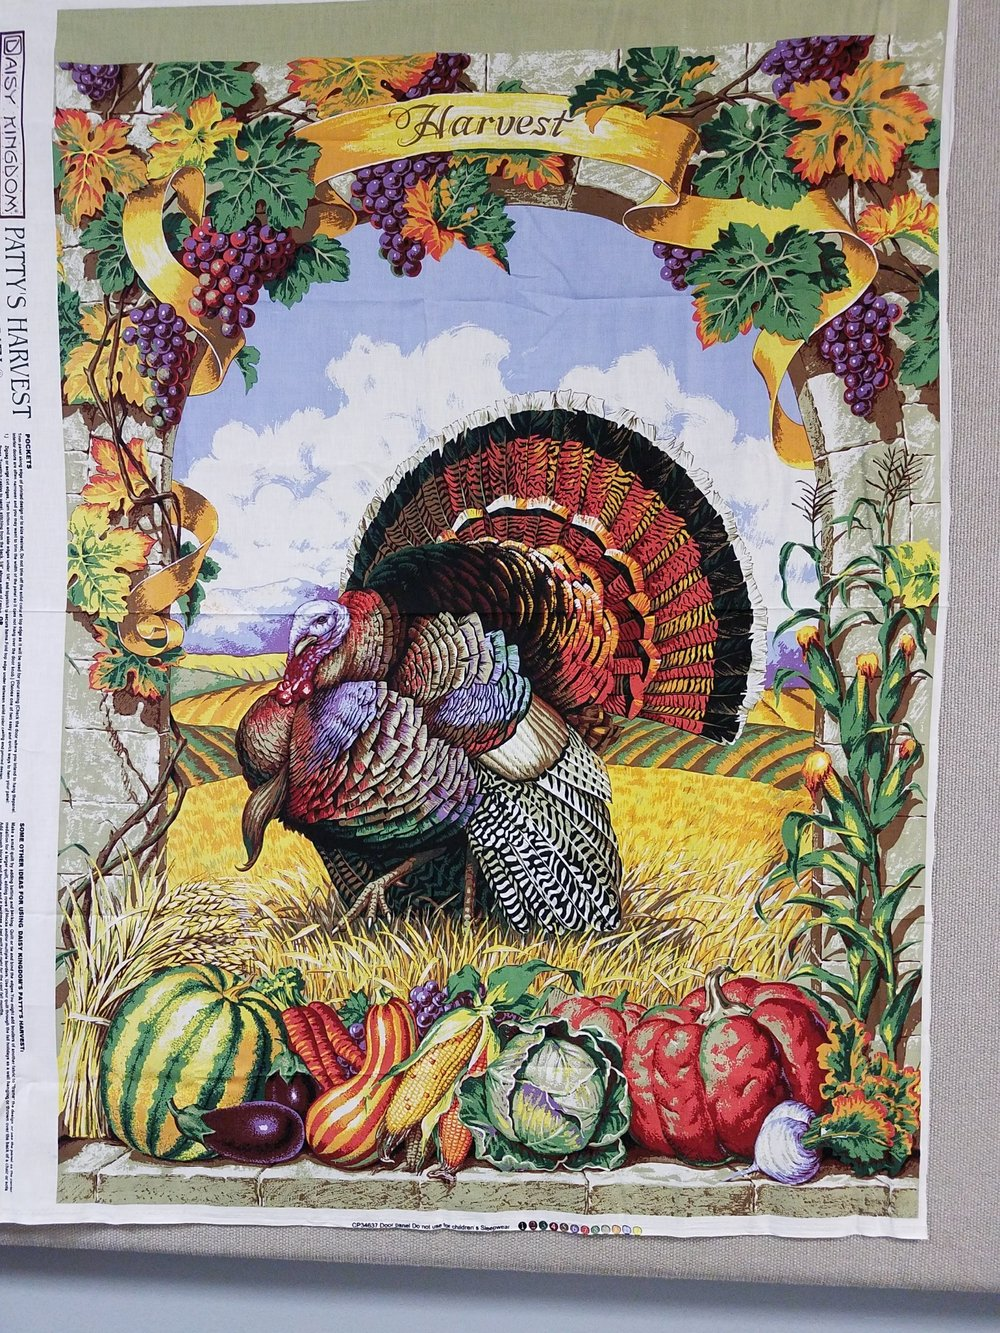 Patty's Harvest Door Panel by Daisy Kingdom